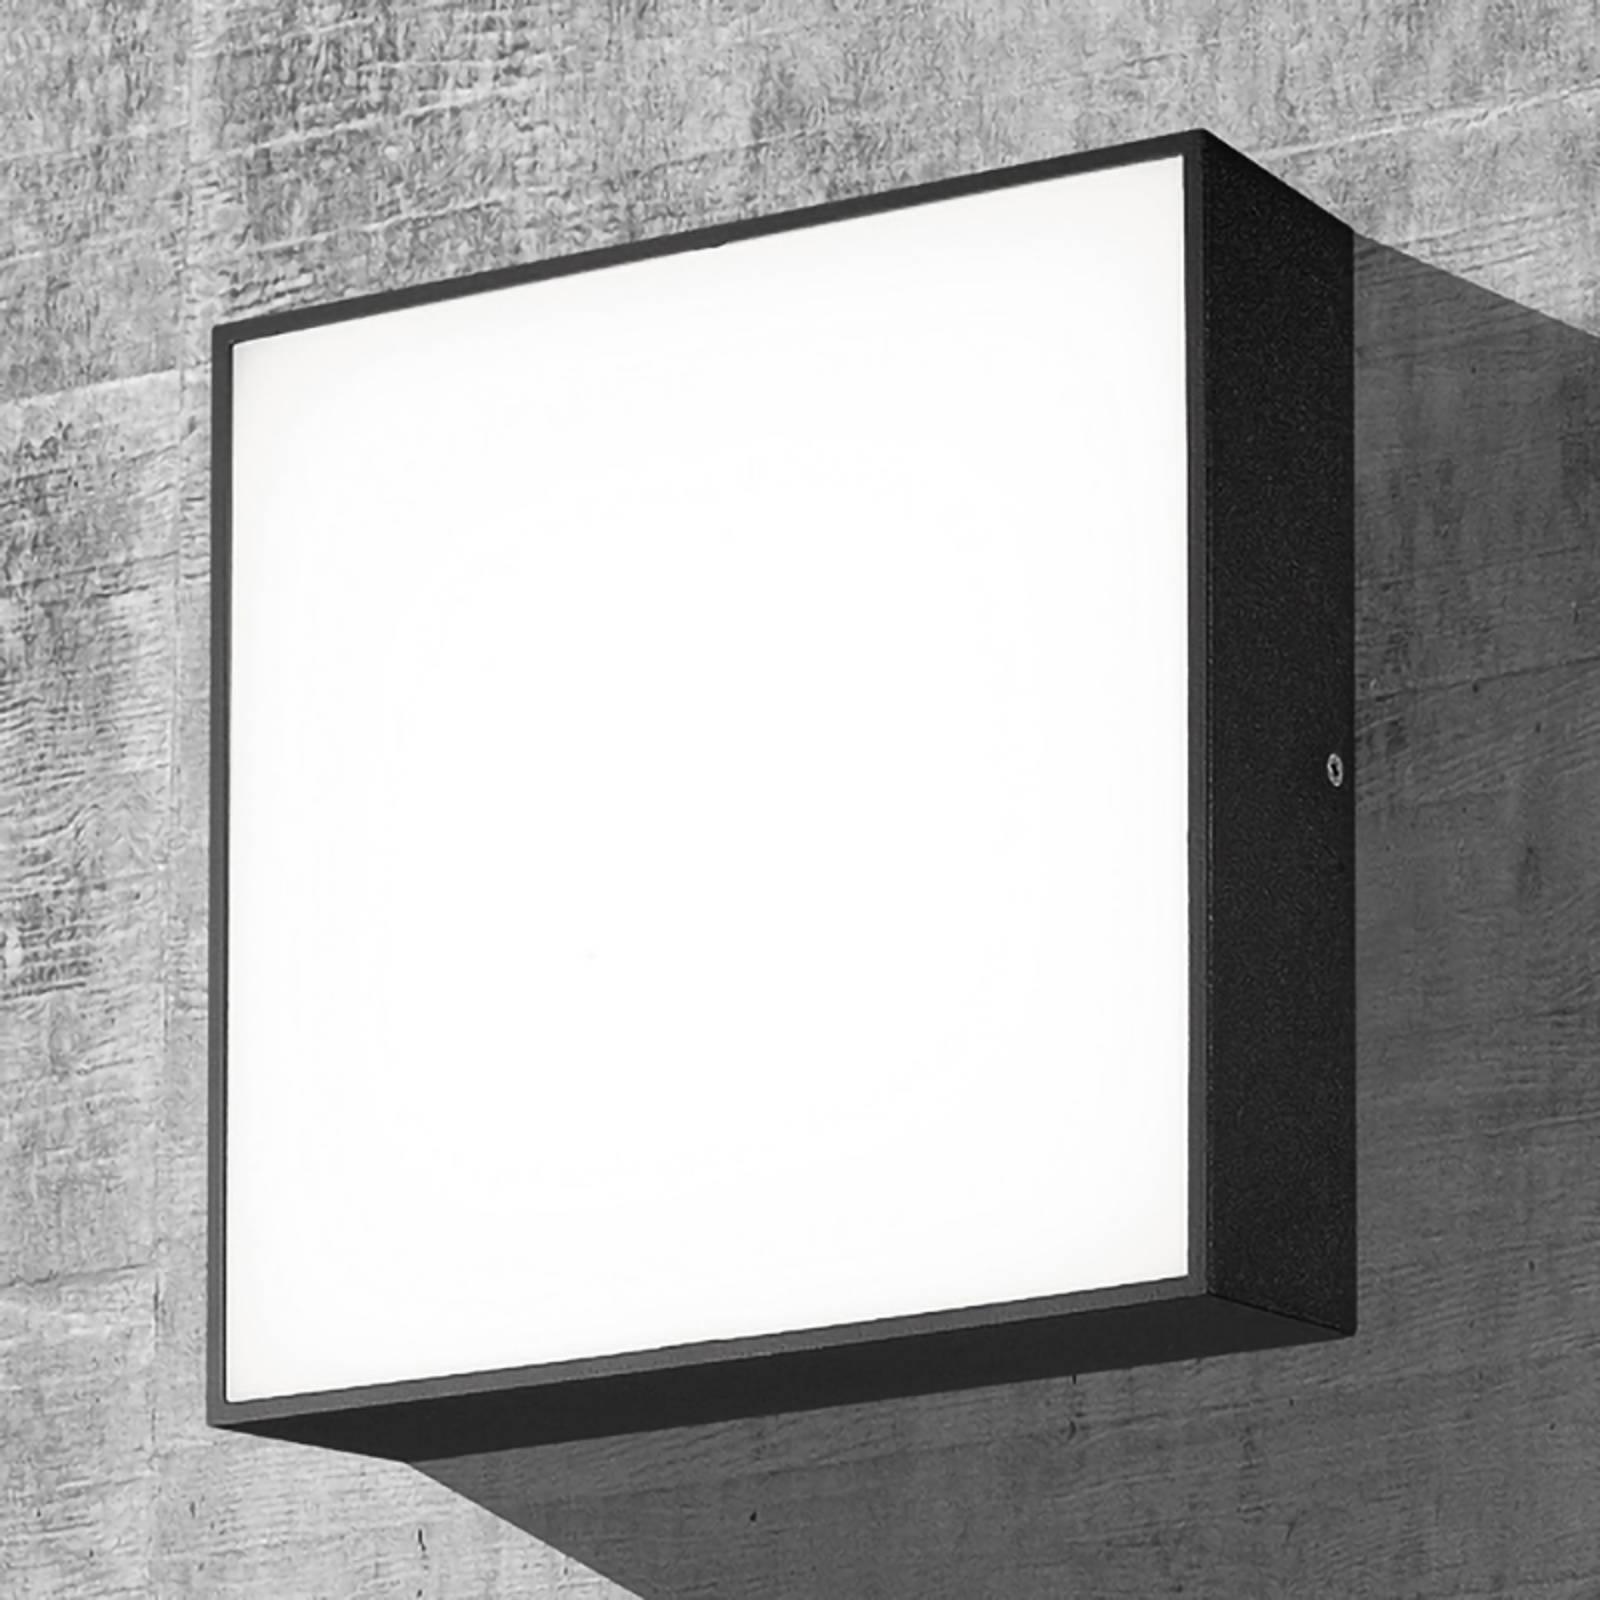 LED-Außenwandleuchte CMD 9024, 24 x 24 cm